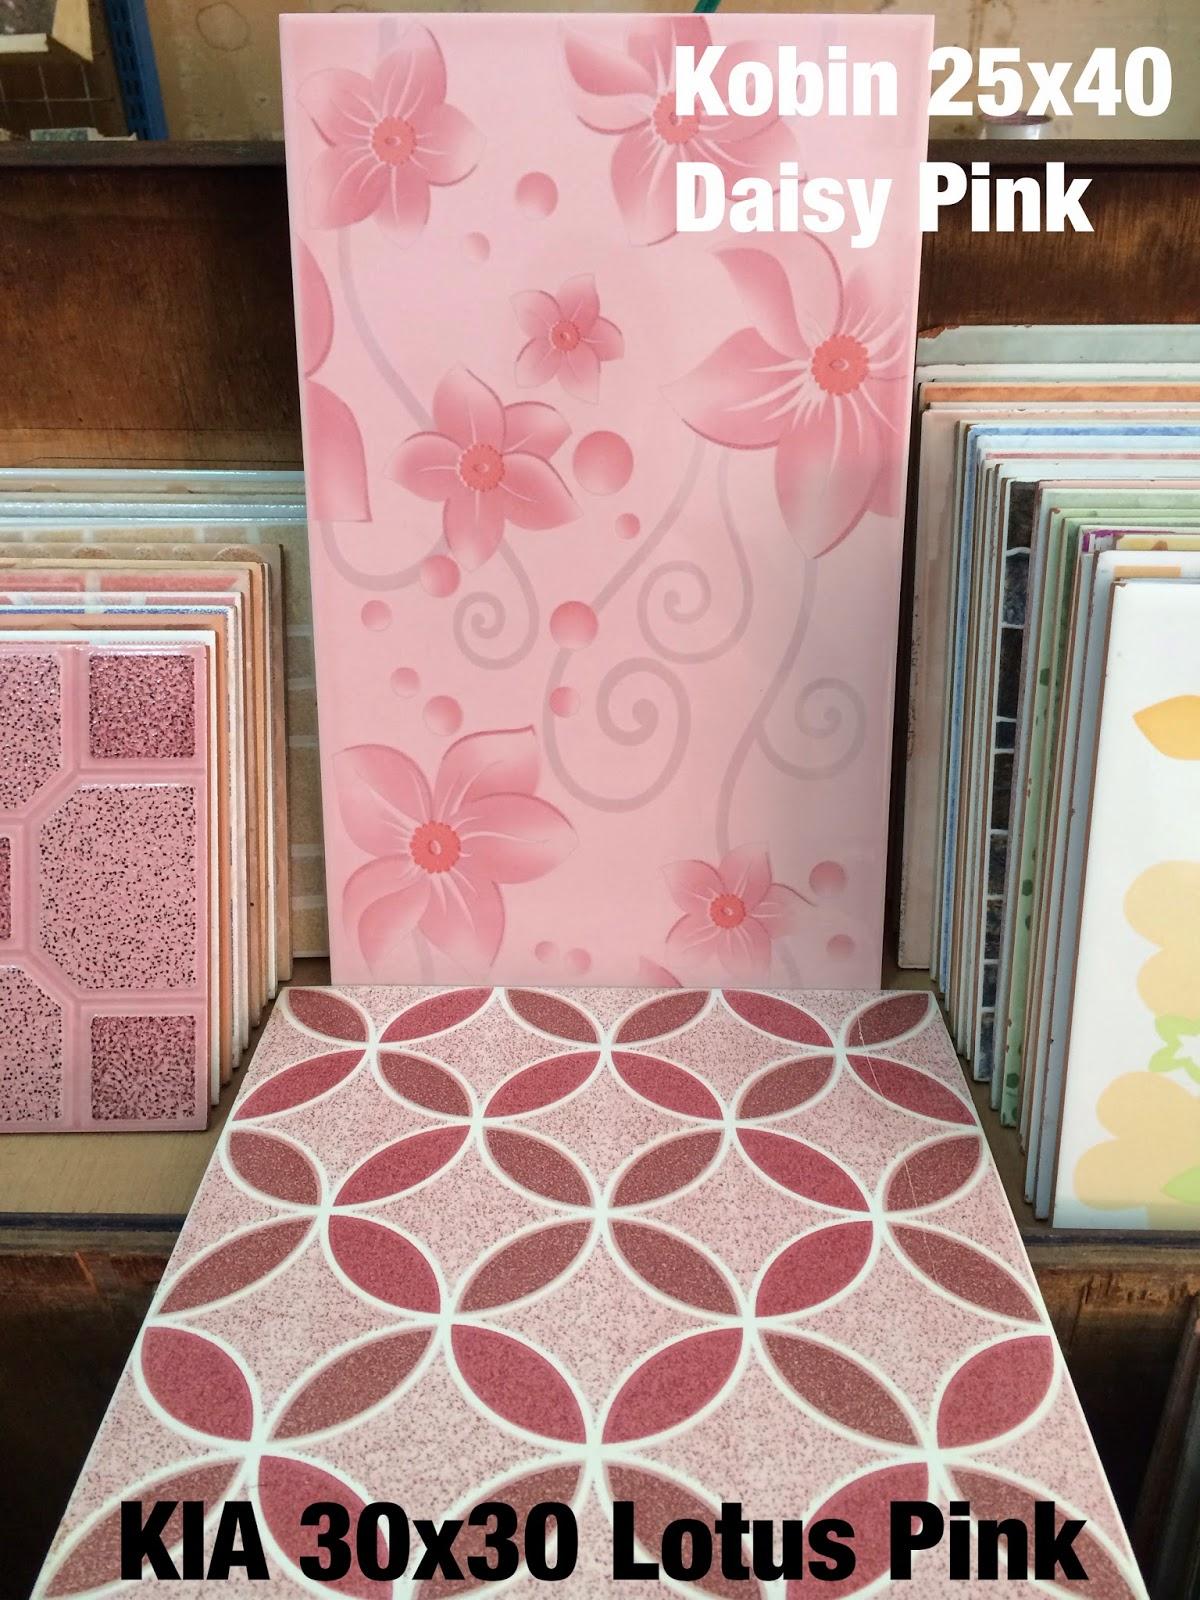 Gambar Keramik Lantai Warna Pink Terbaru Top Rumah